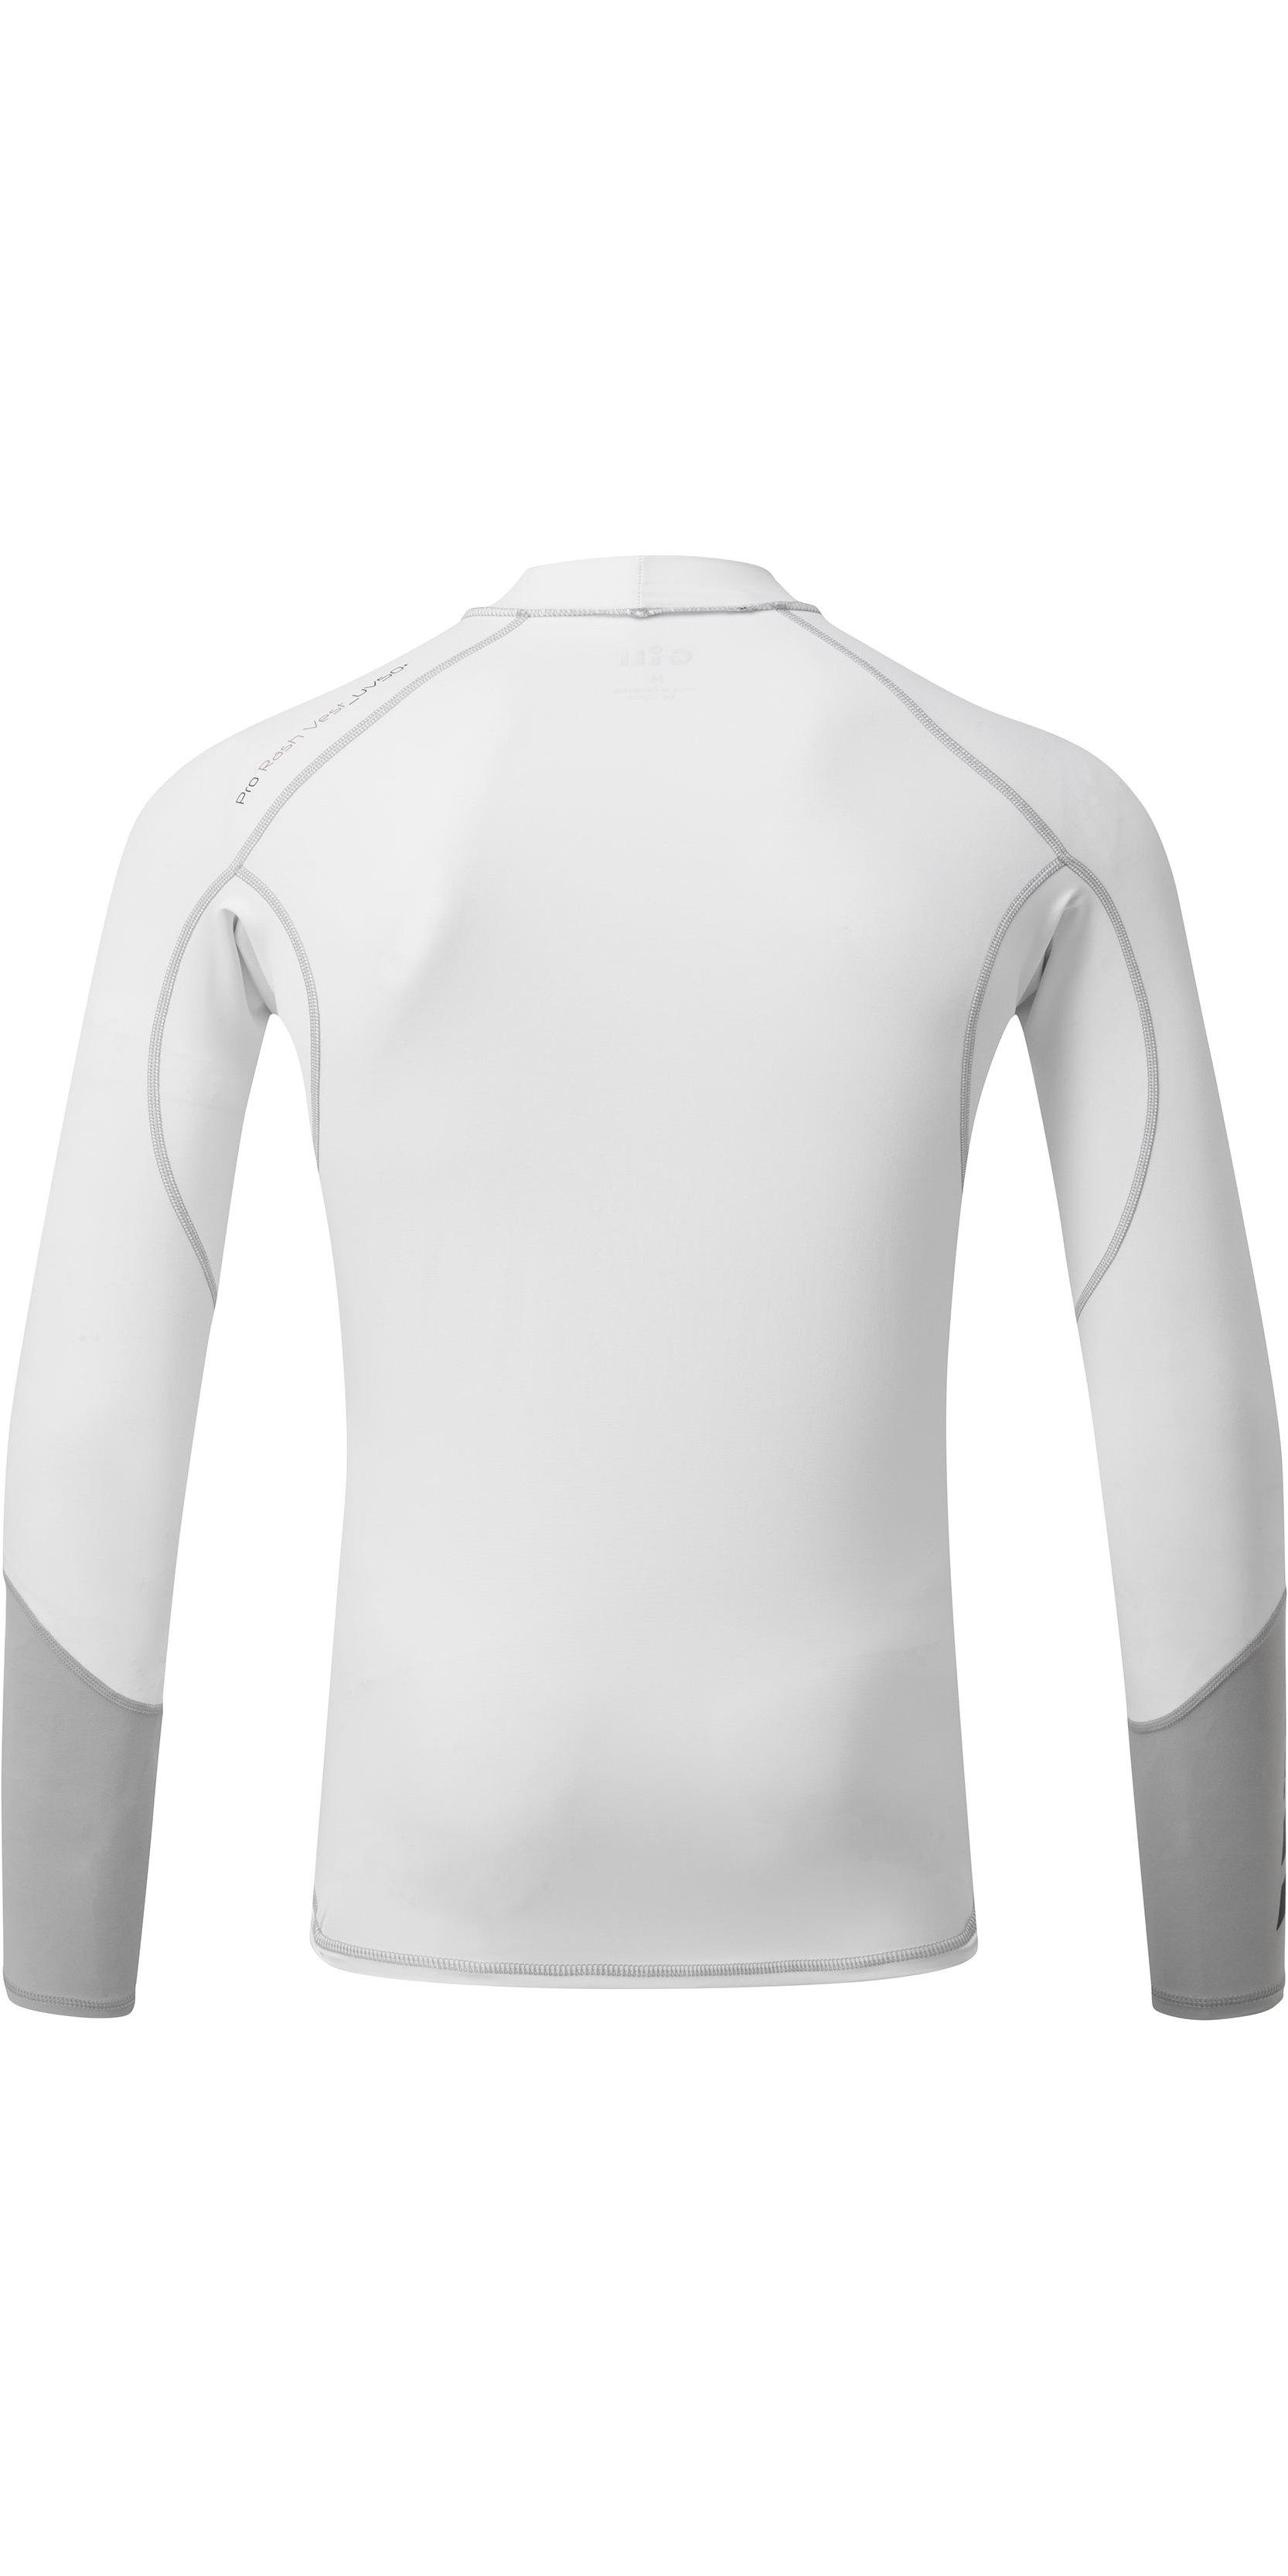 2018 Gill Pro Rash Vest WHITE 4430